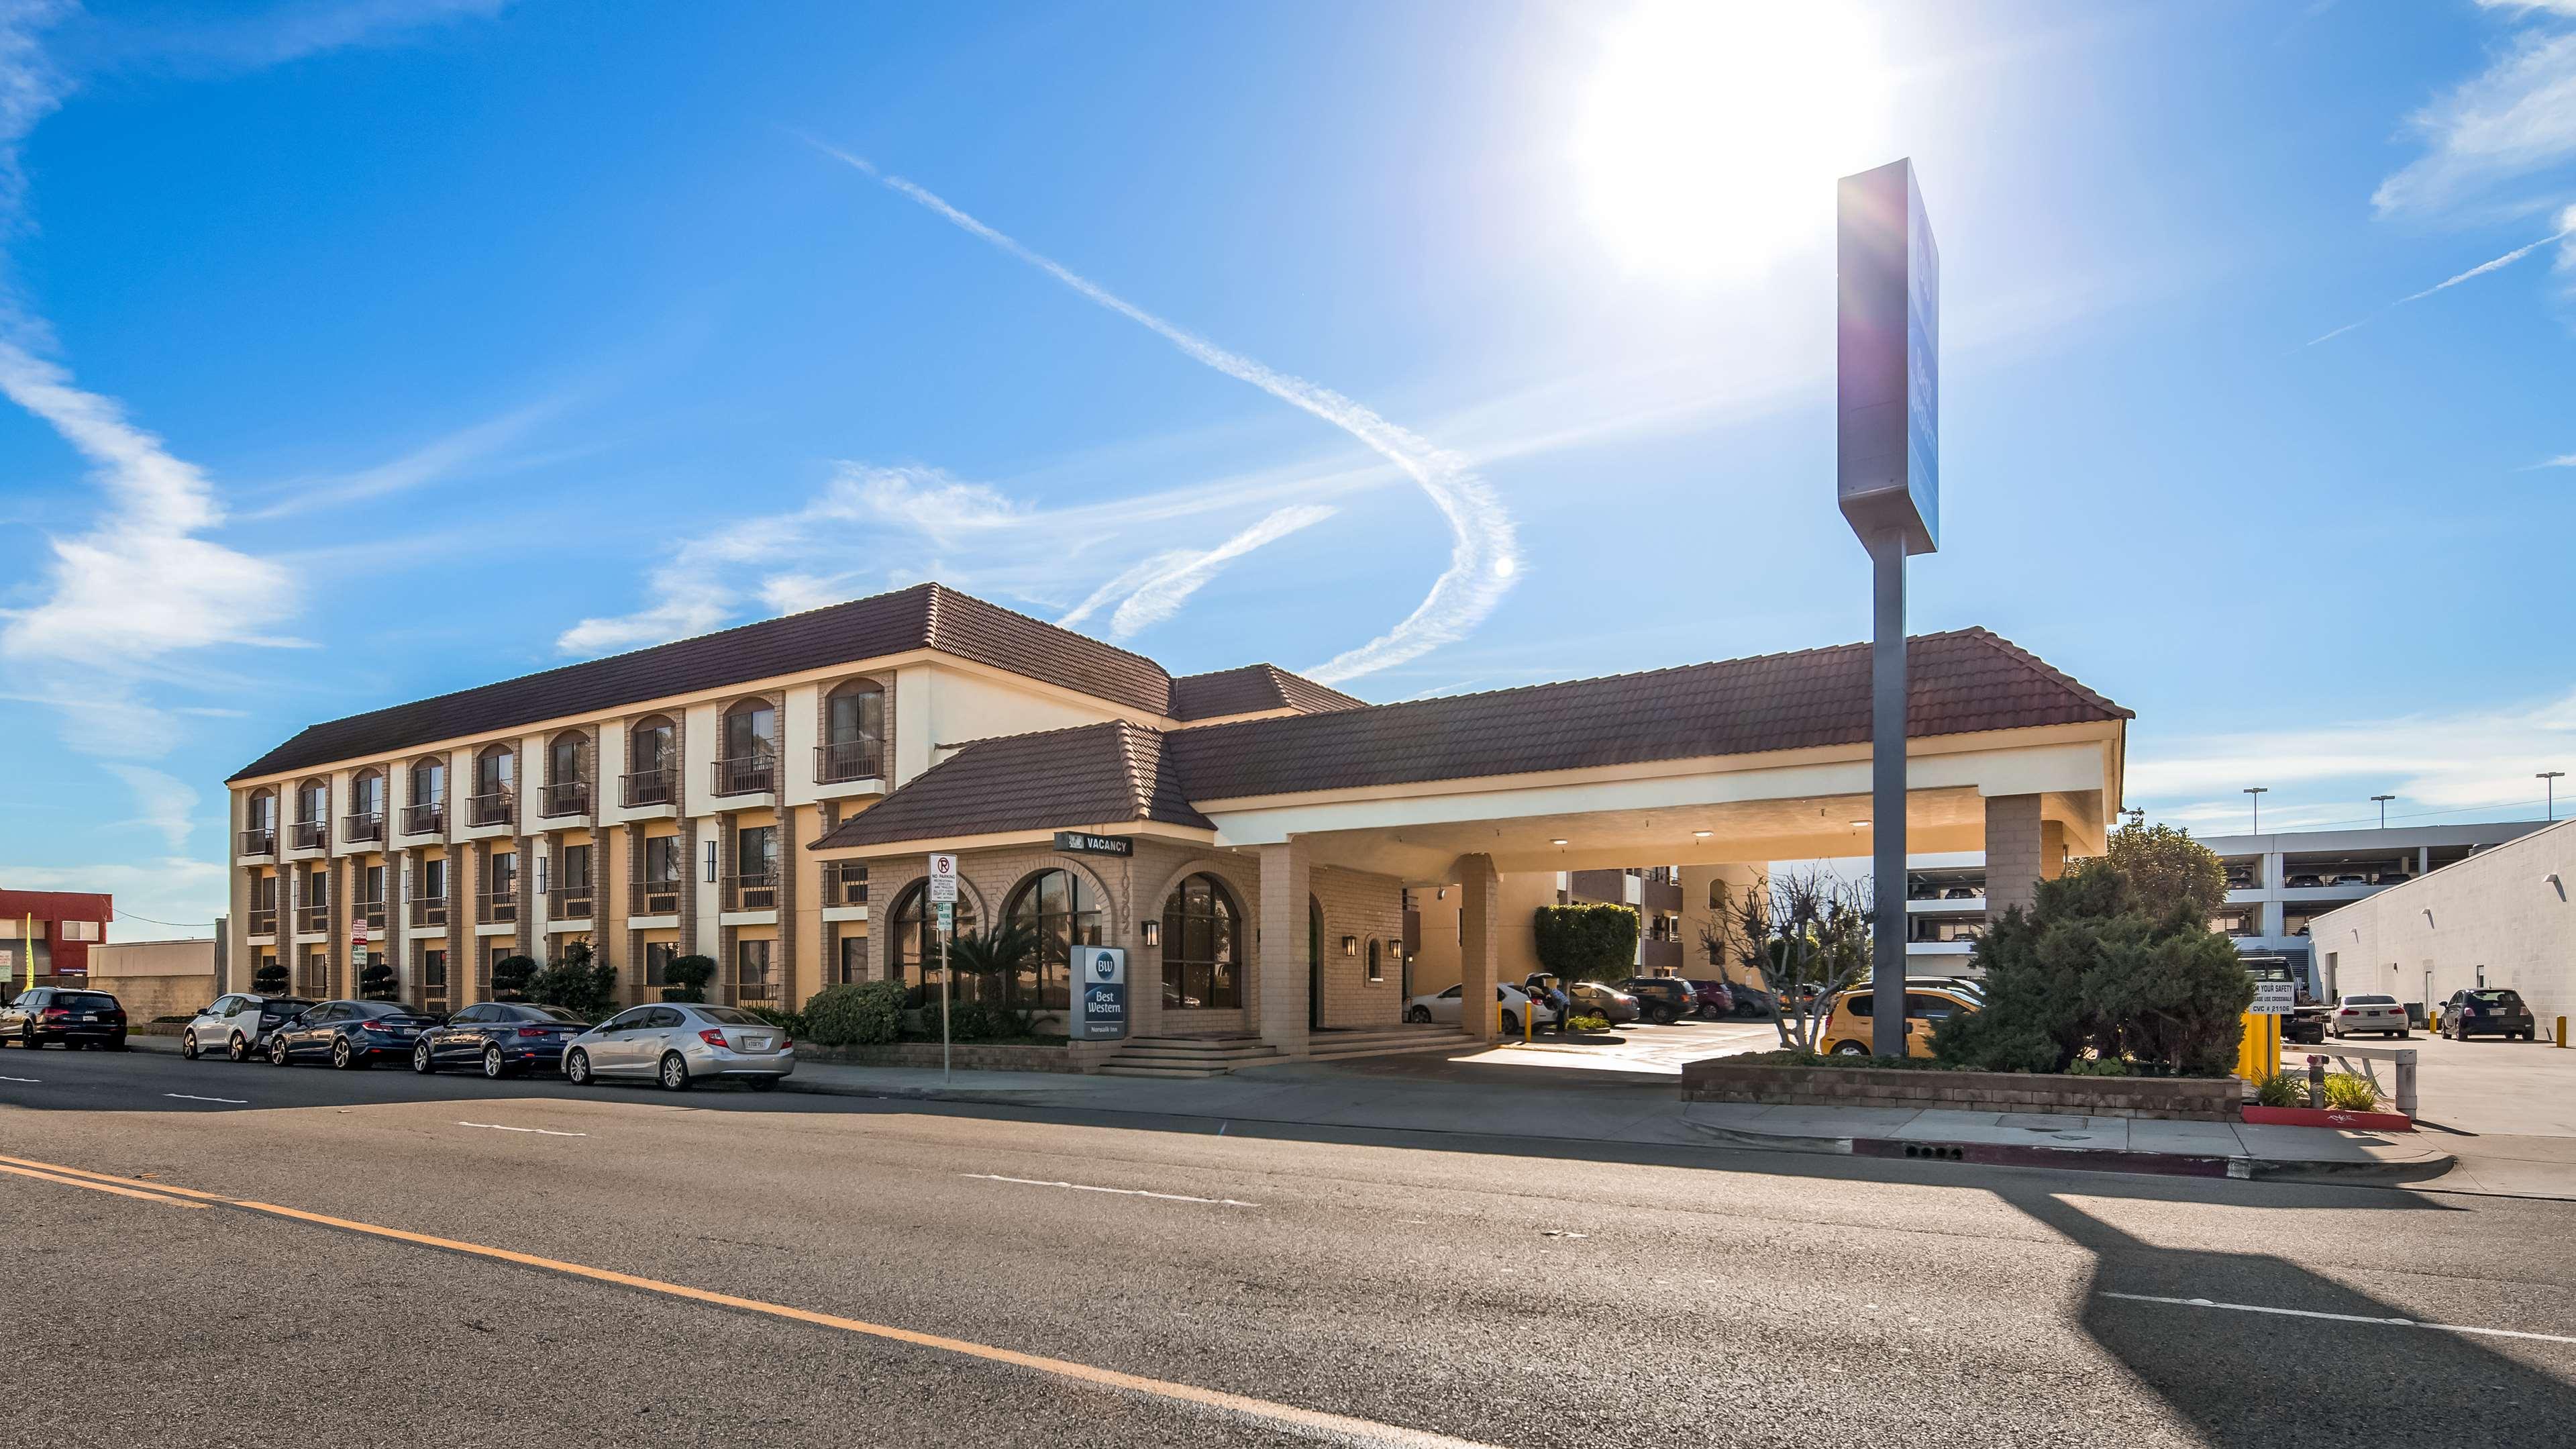 best western norwalk inn in norwalk ca 90650 On best western norwalk ca